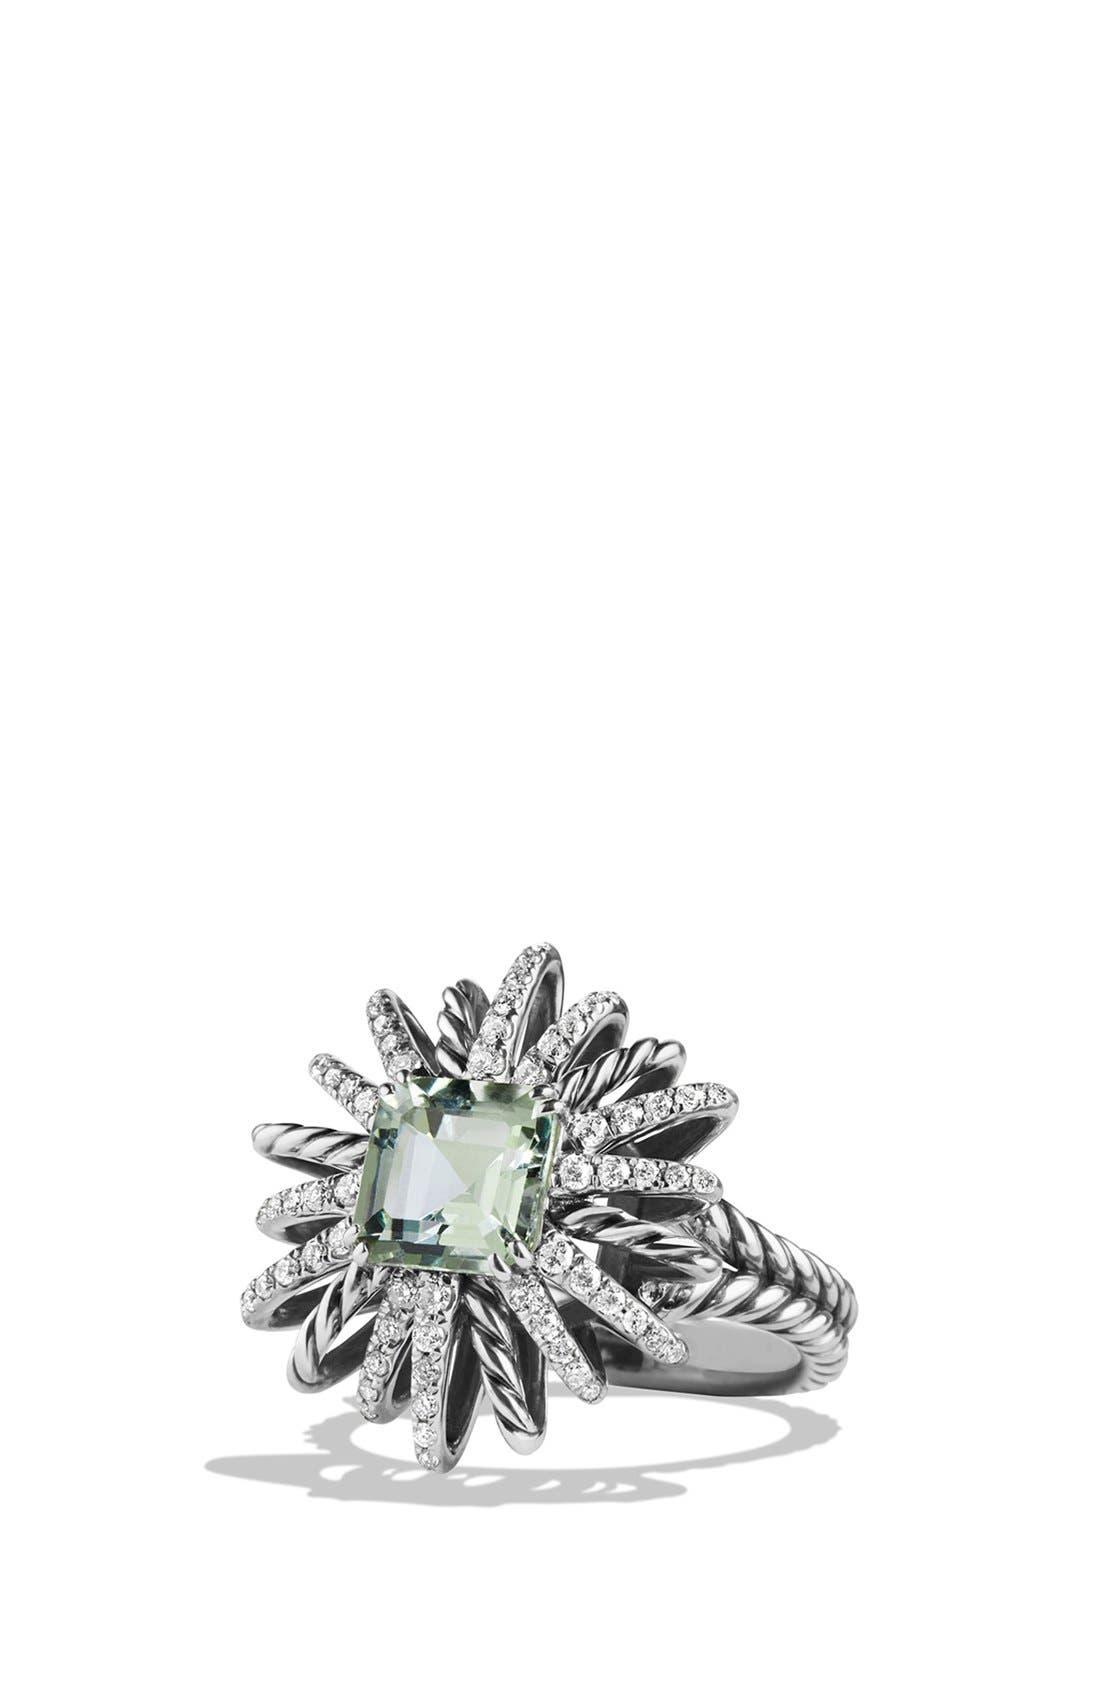 'Starburst' Ring,                         Main,                         color, Prasiolite